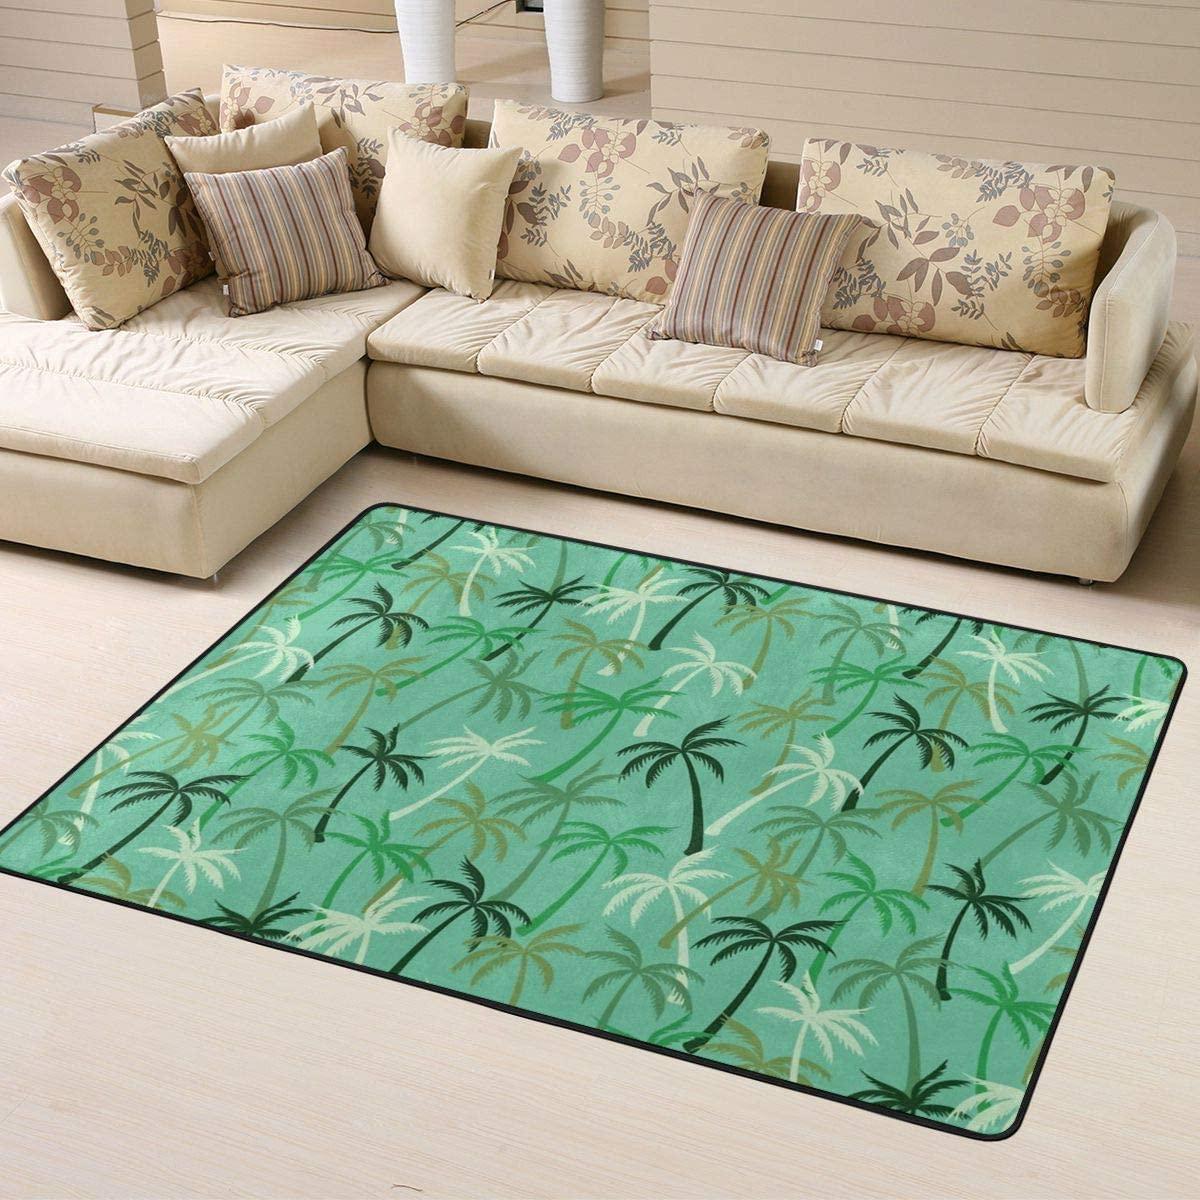 Area Rug Green Coconuts Trees Carpets Floor Indoor Mat Doormats for Kids Room Girls Room Home Decorative